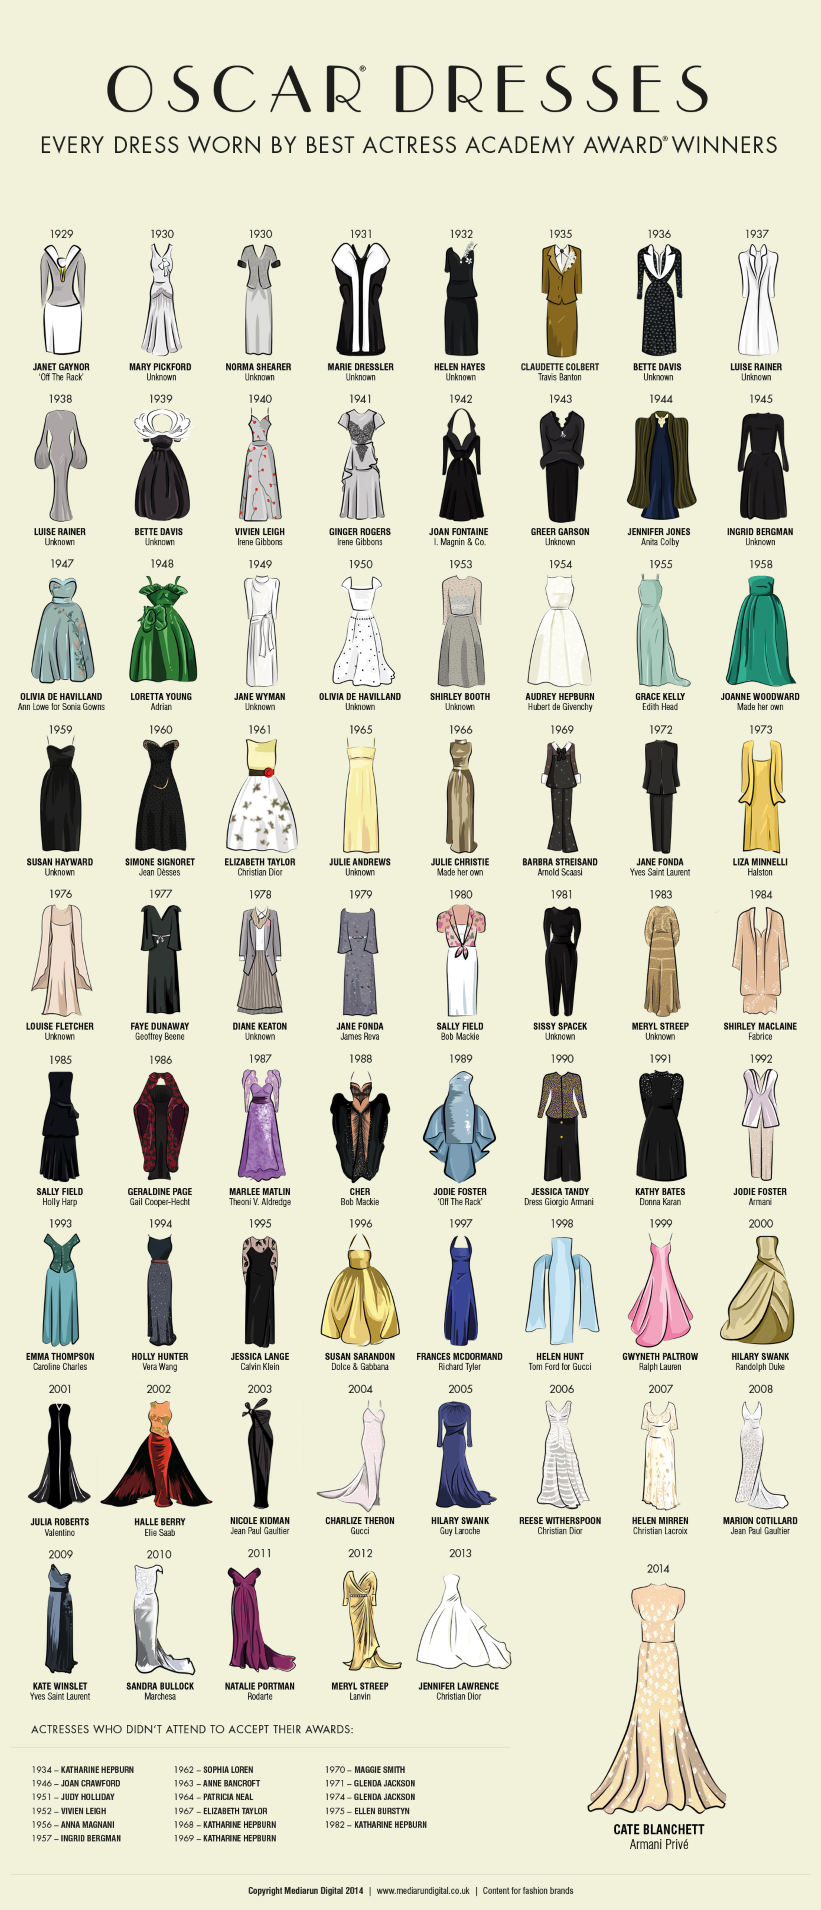 hi-res oscar dresses 2014new821x1910-2